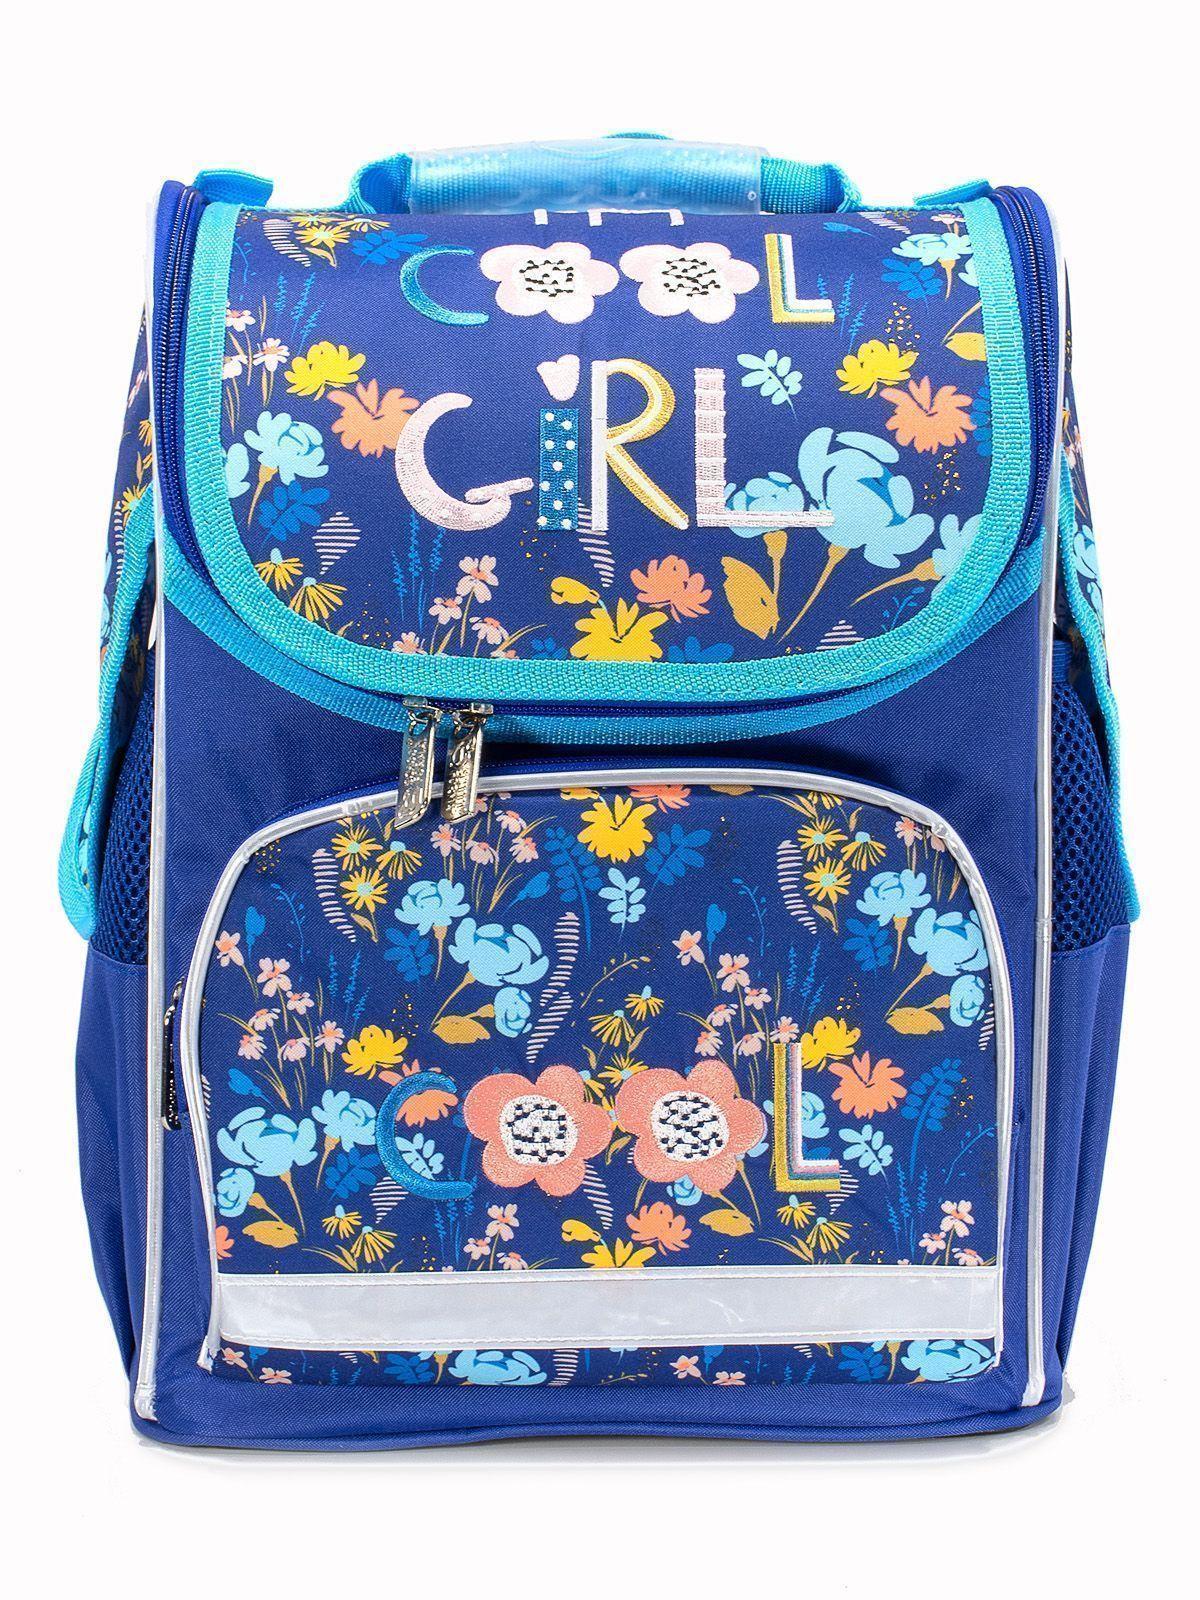 Рюкзак Schoolformat Cool girl, модель BASIC, жесткий каркас, односекционный, 38х28х16 см, 15 л, для девочек